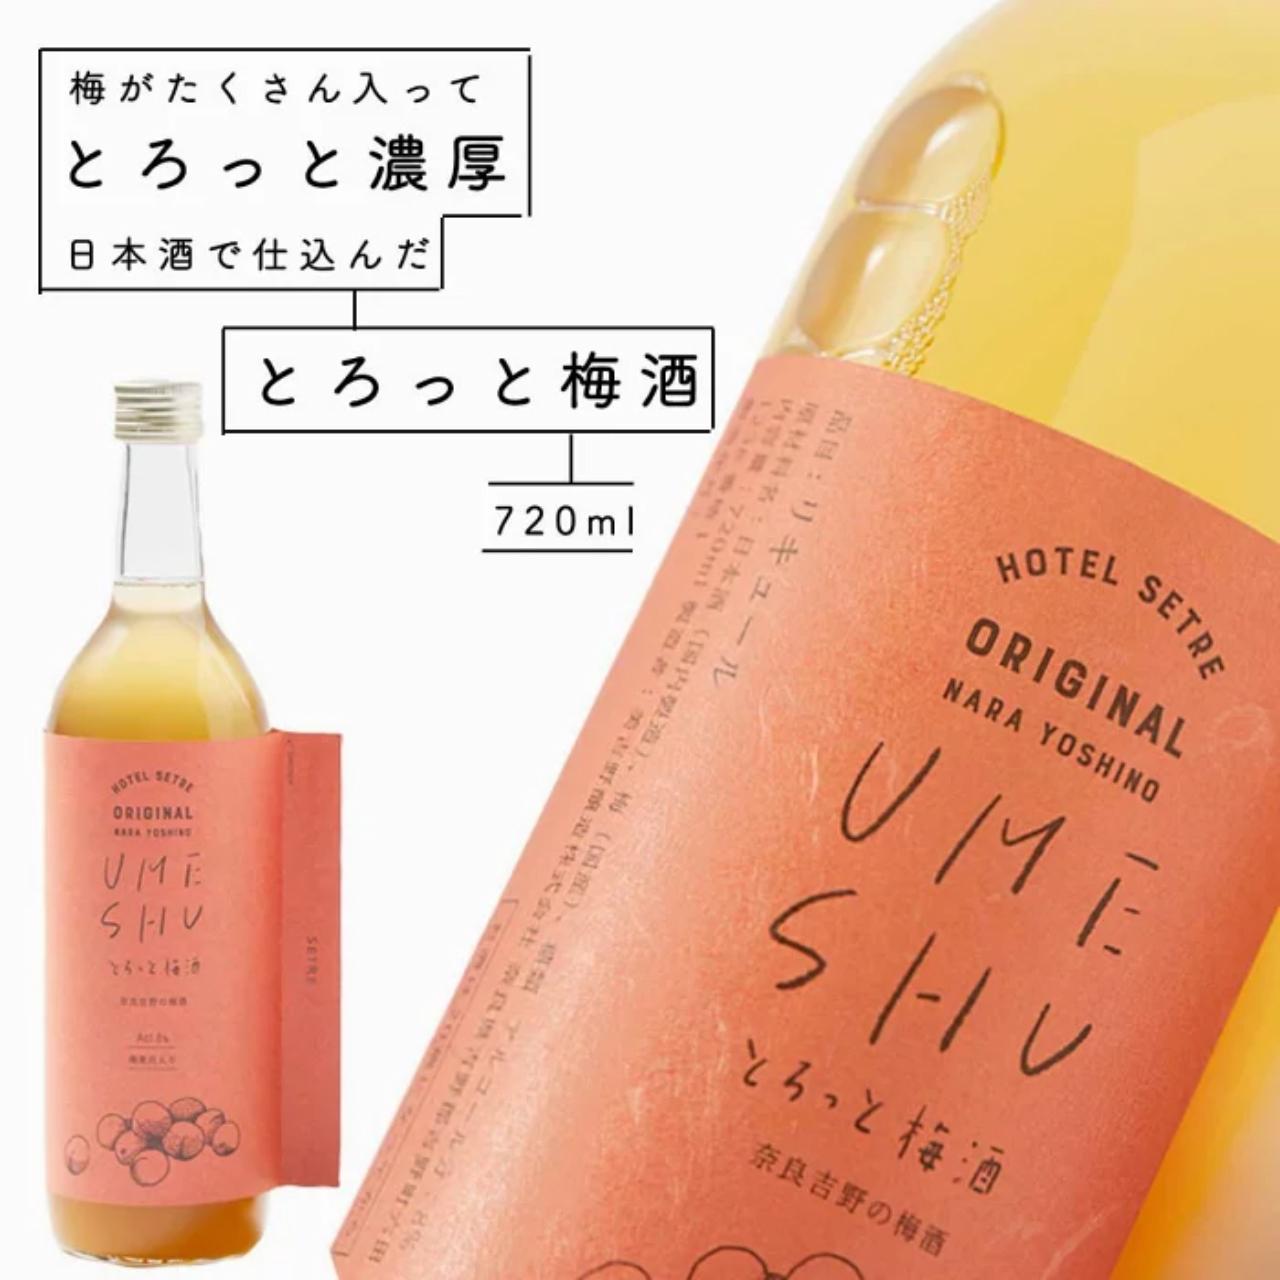 梅酒|花巴醸造元 美吉野醸造 セトレ とろっと梅酒 720ml 日本酒仕込み 純米酒 奈良地酒